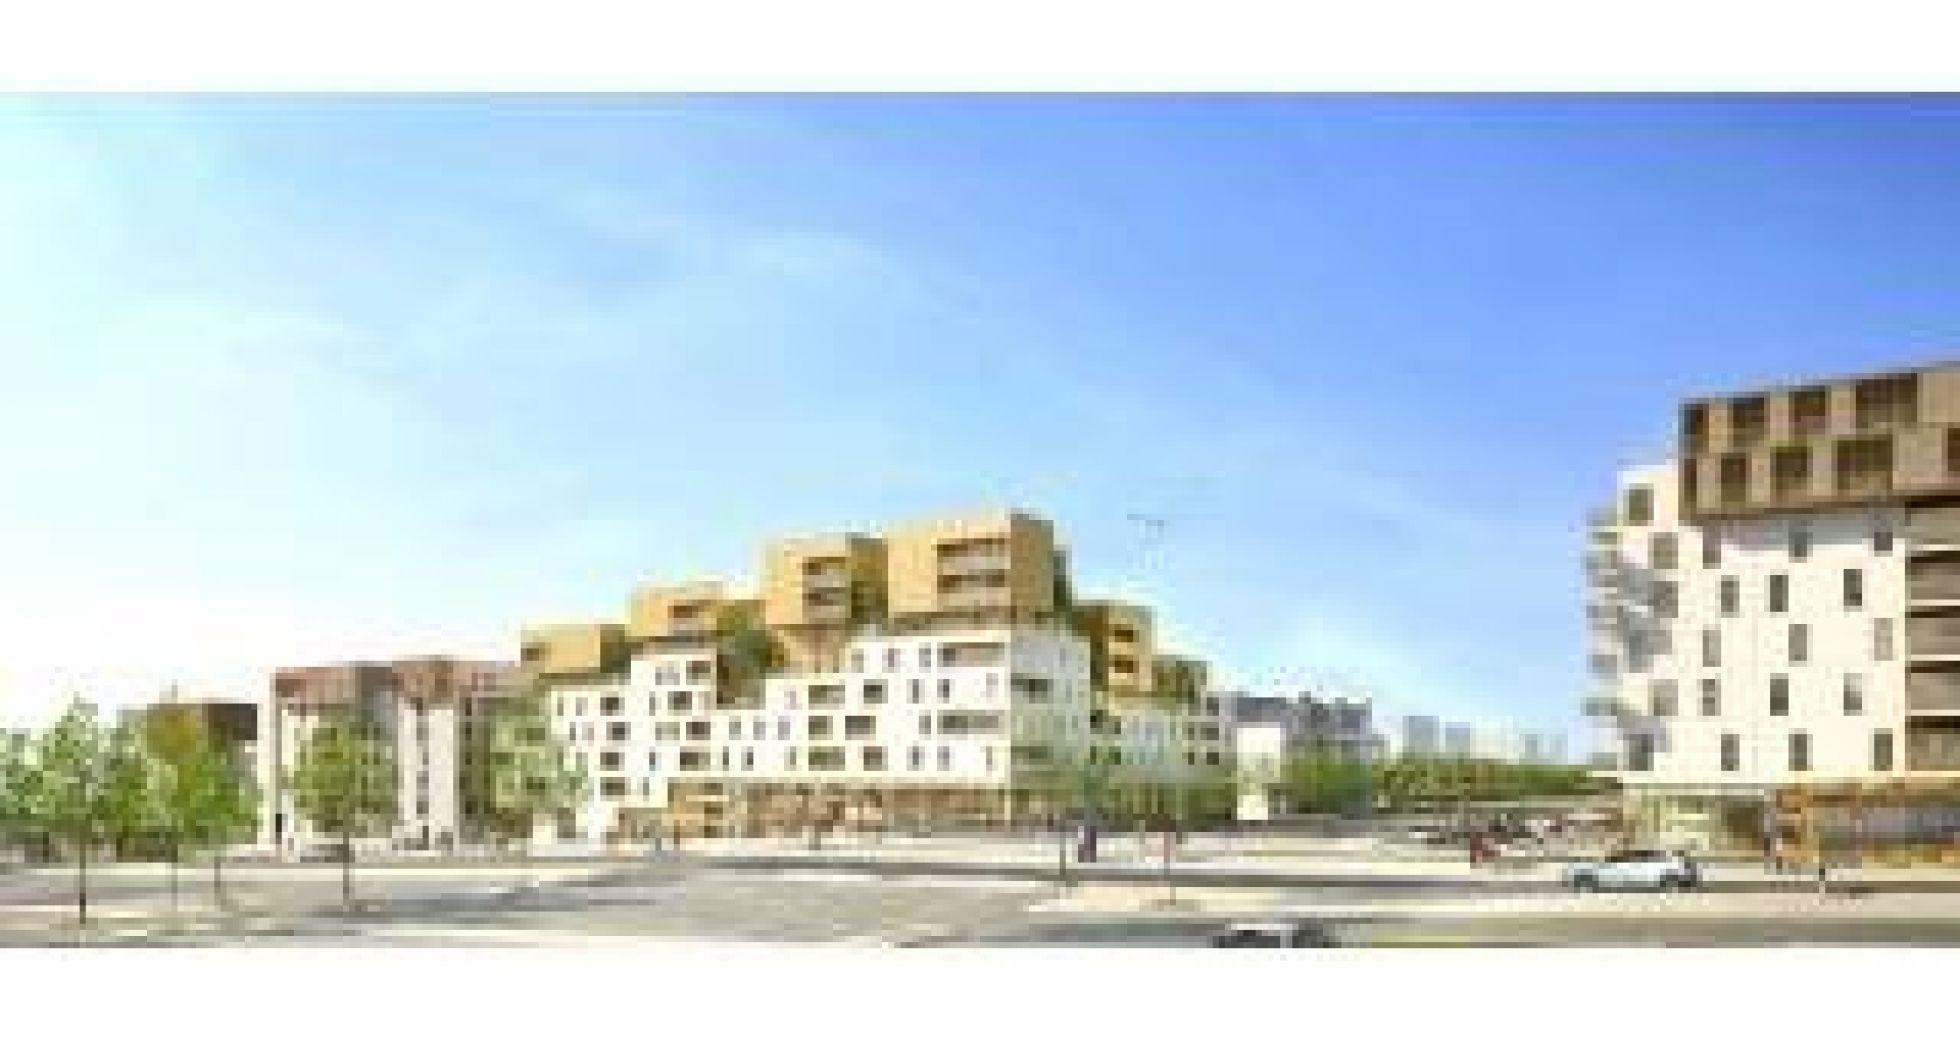 Programme immobilier Montpellier : créer mon intérieur